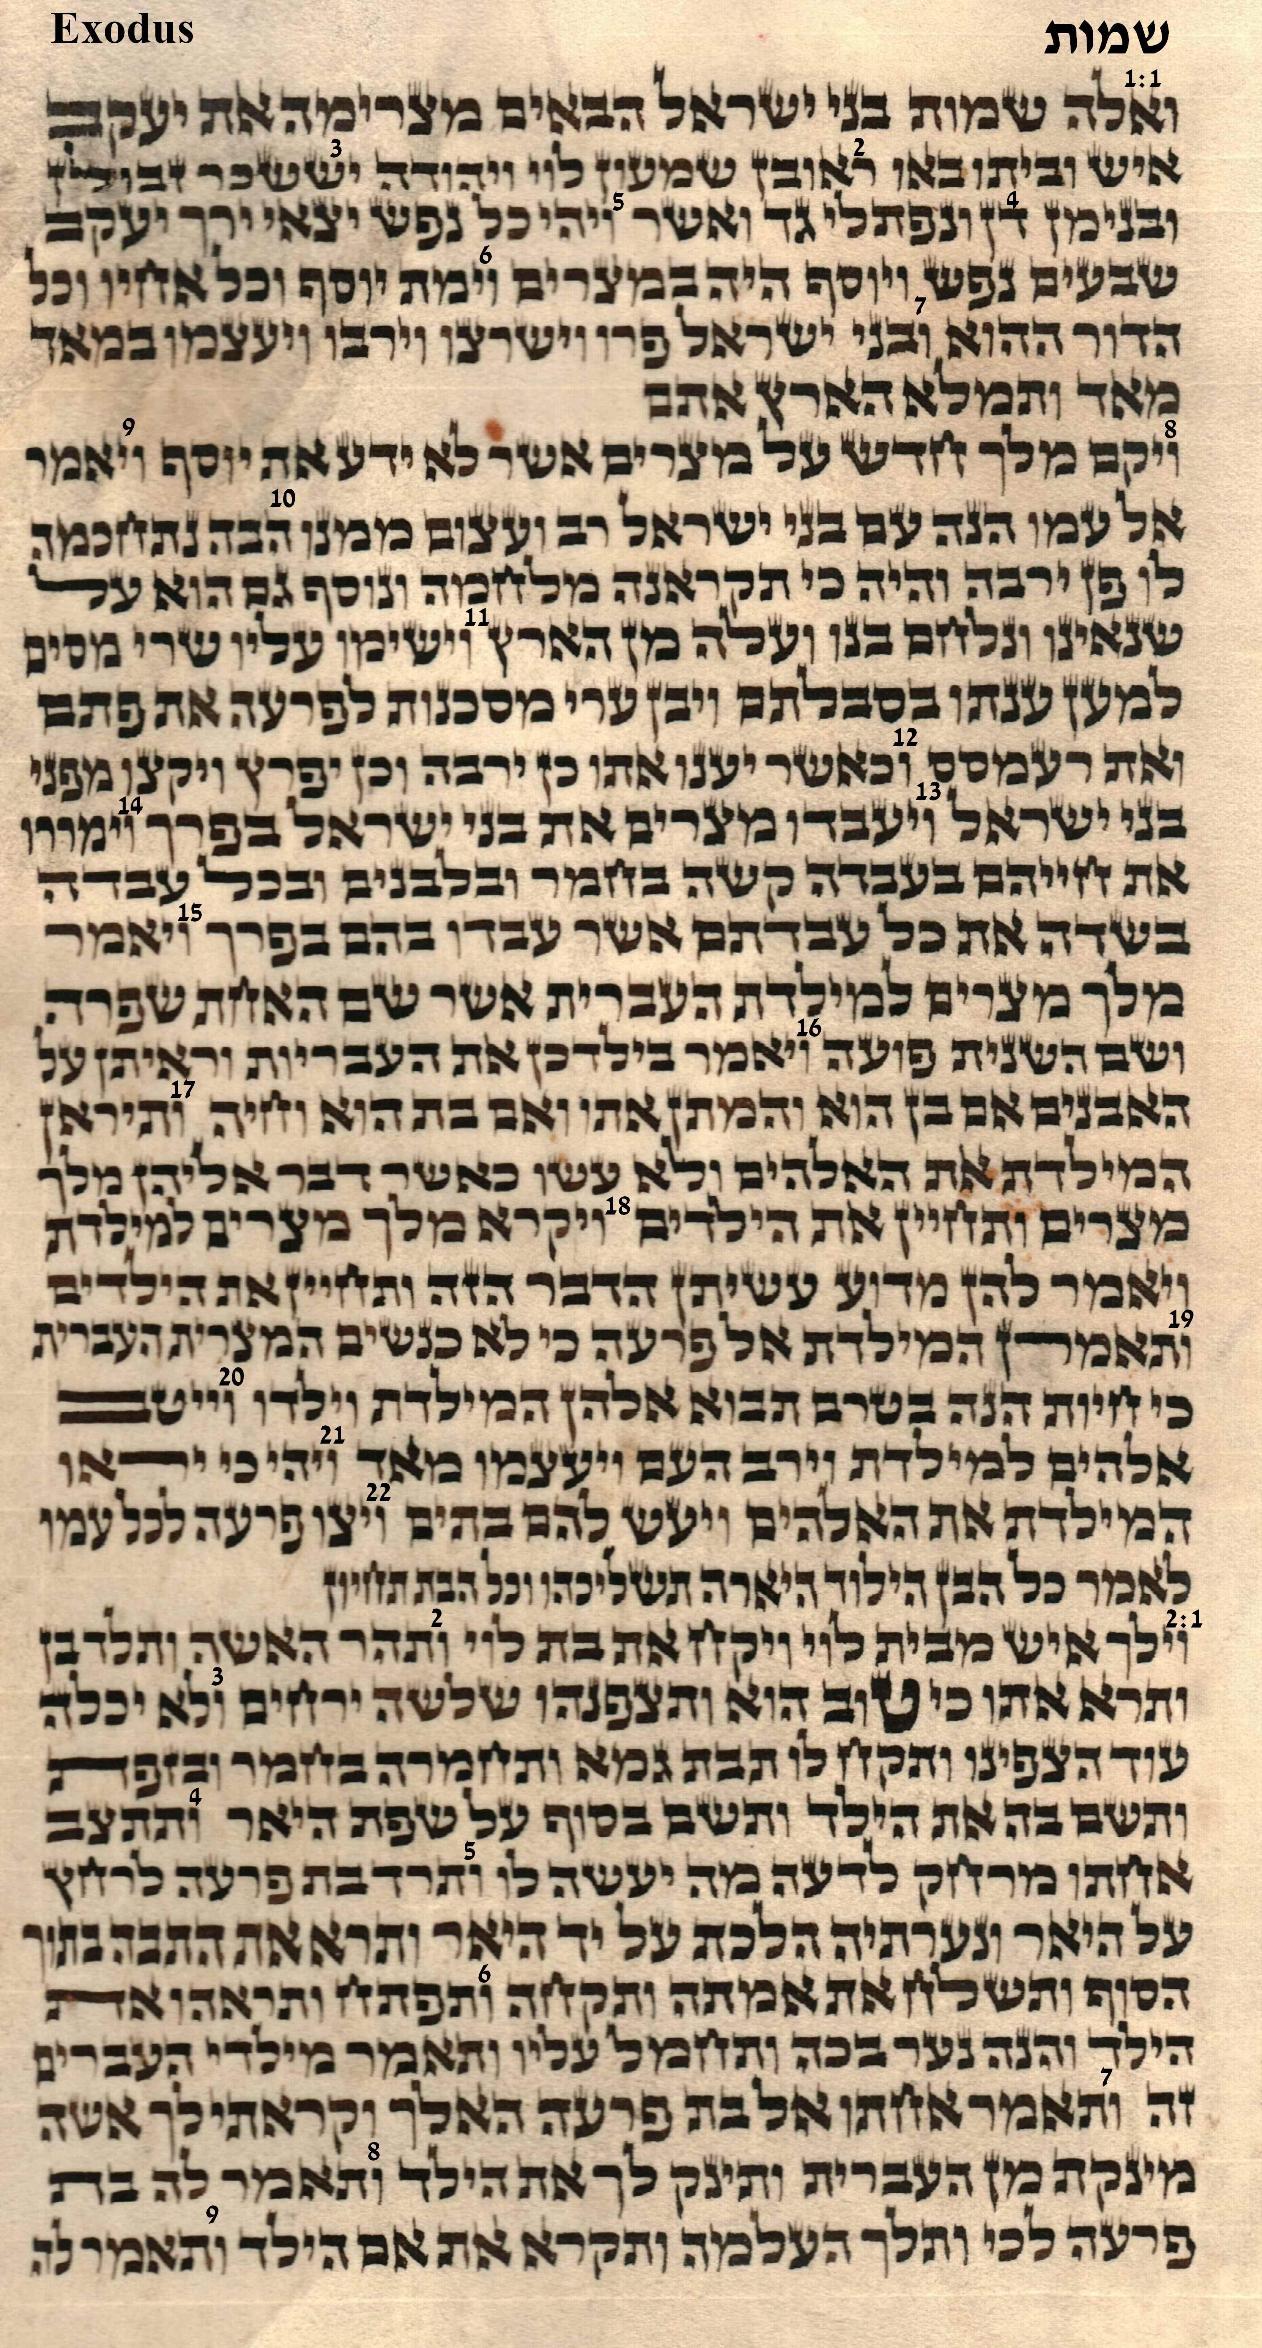 Exodus 1.1 - 2.9